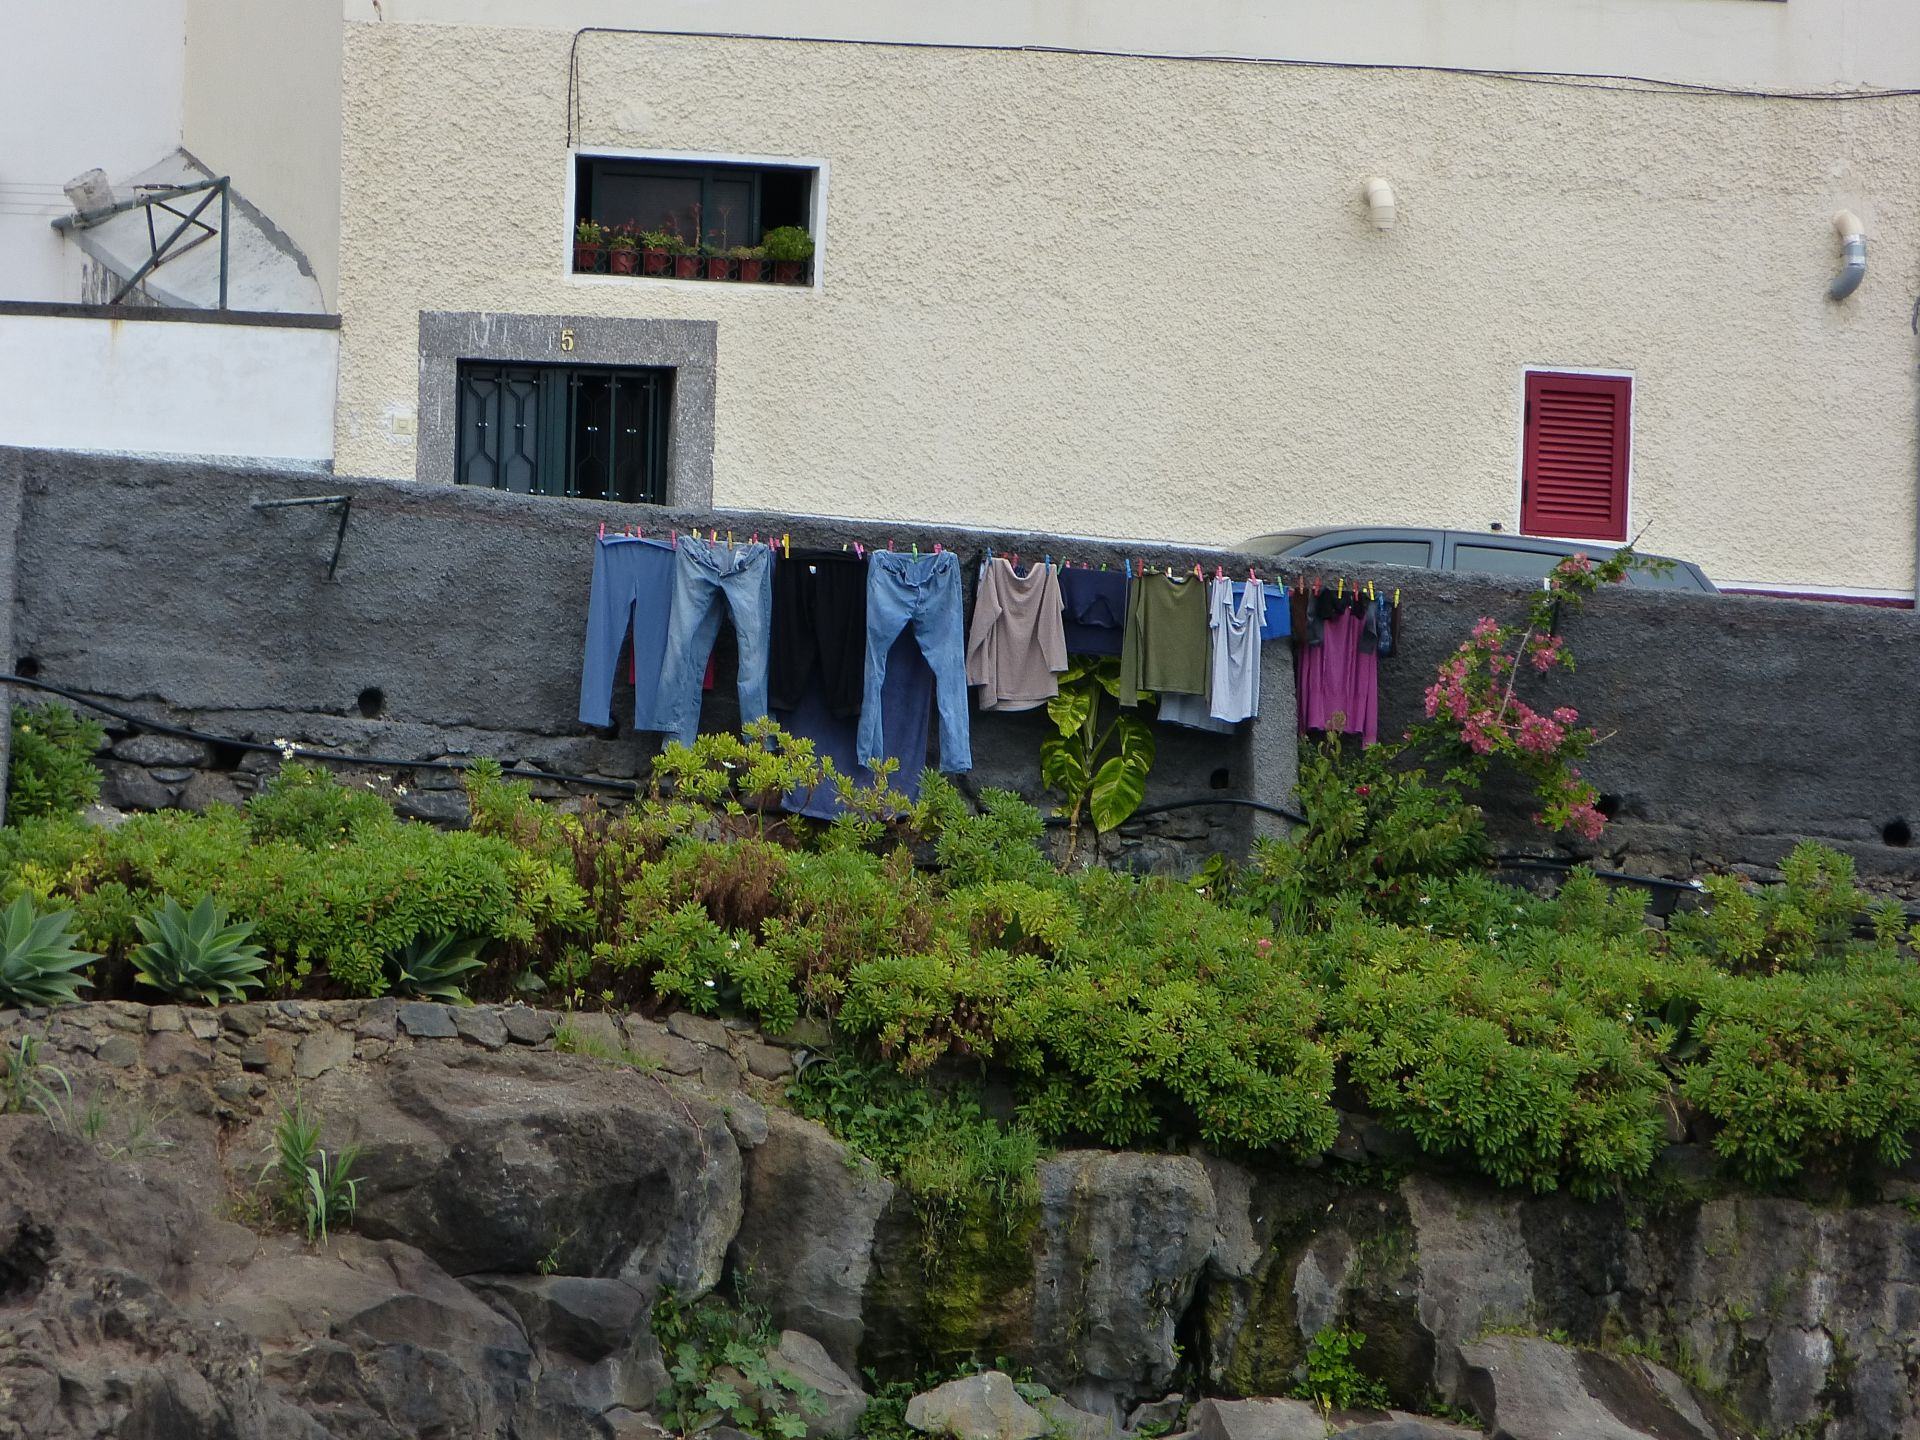 Konventionelle Methoden der Wäschetrocknung. Es gibt sie doch noch!